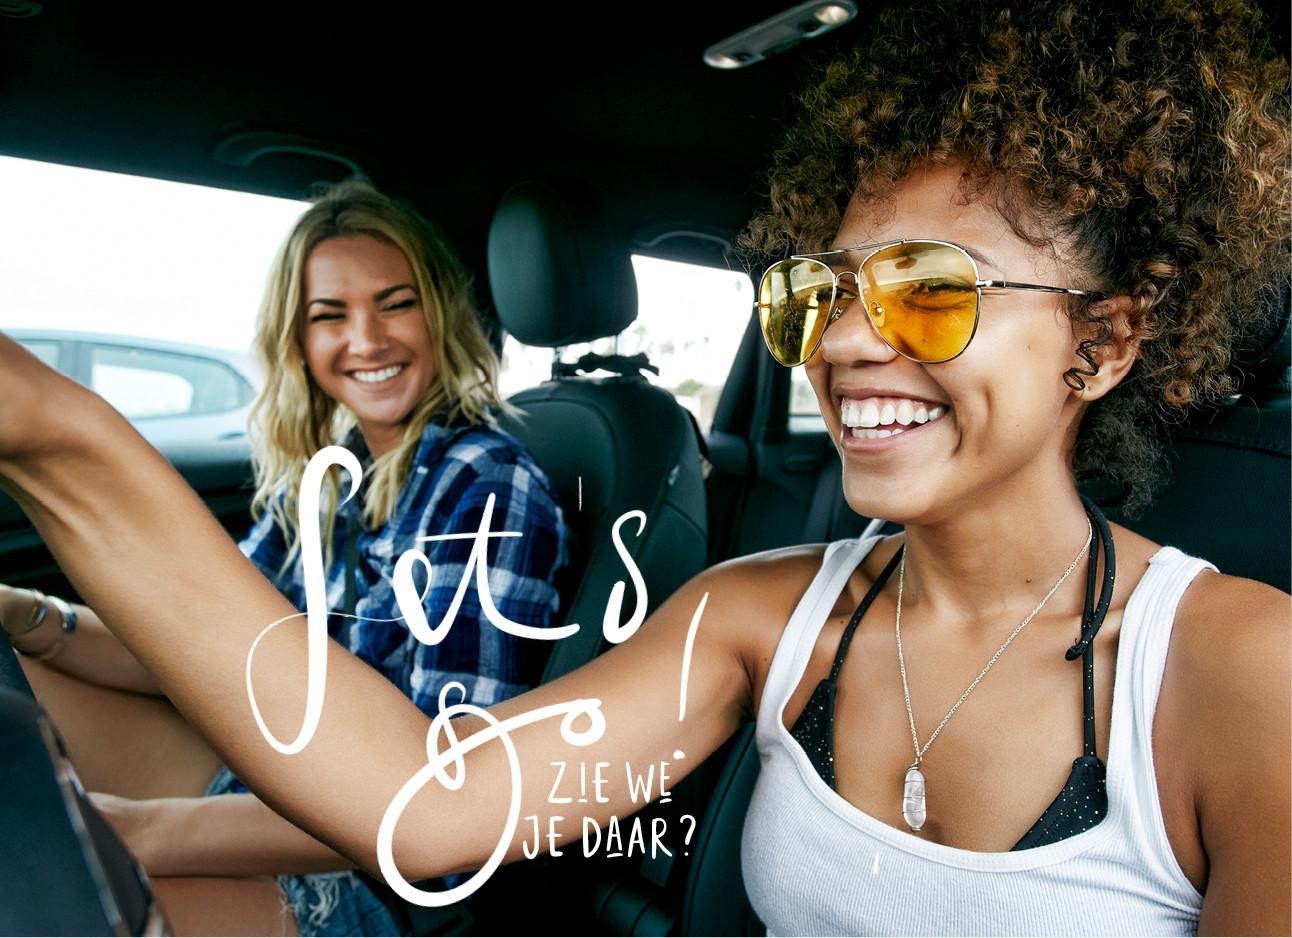 twee vriendinnen in een auto roadtrip